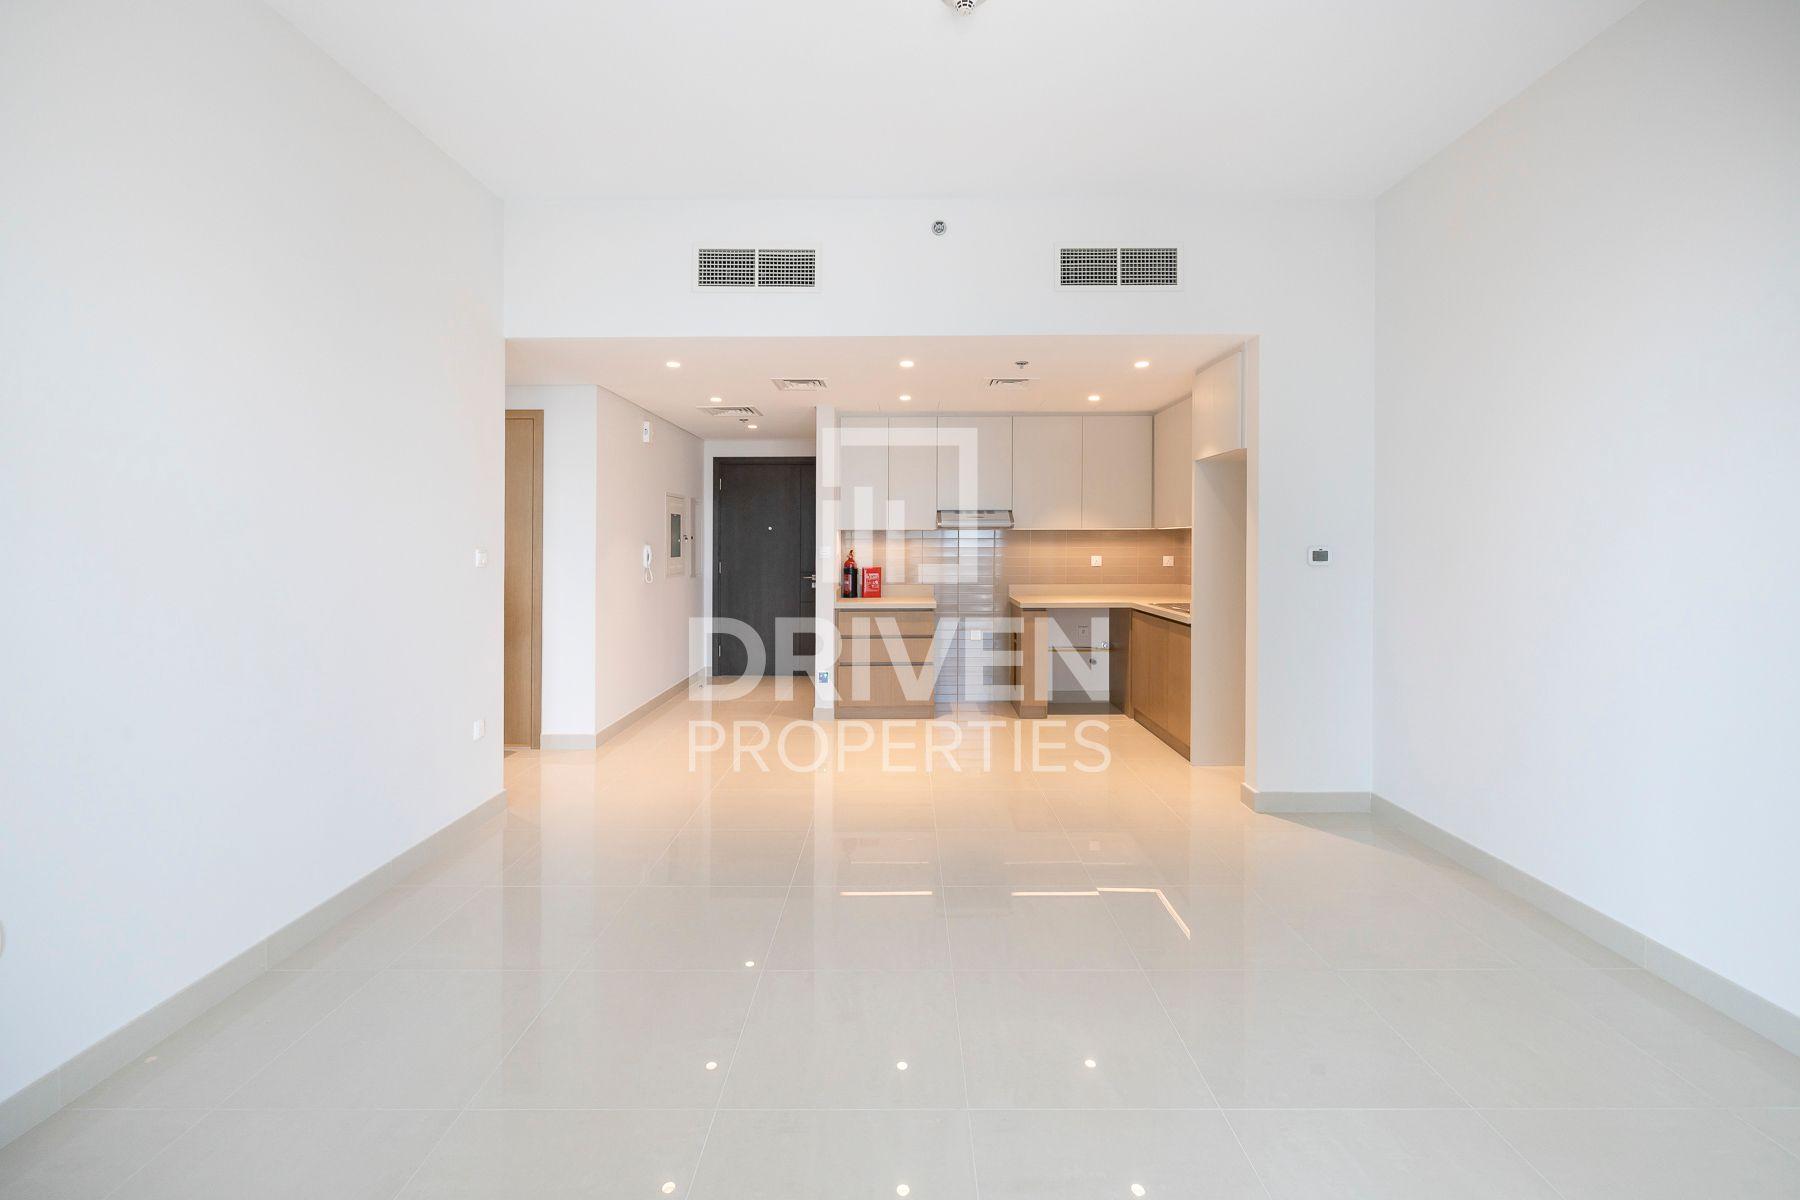 709 قدم مربع  شقة - للايجار - ميناء خور دبي